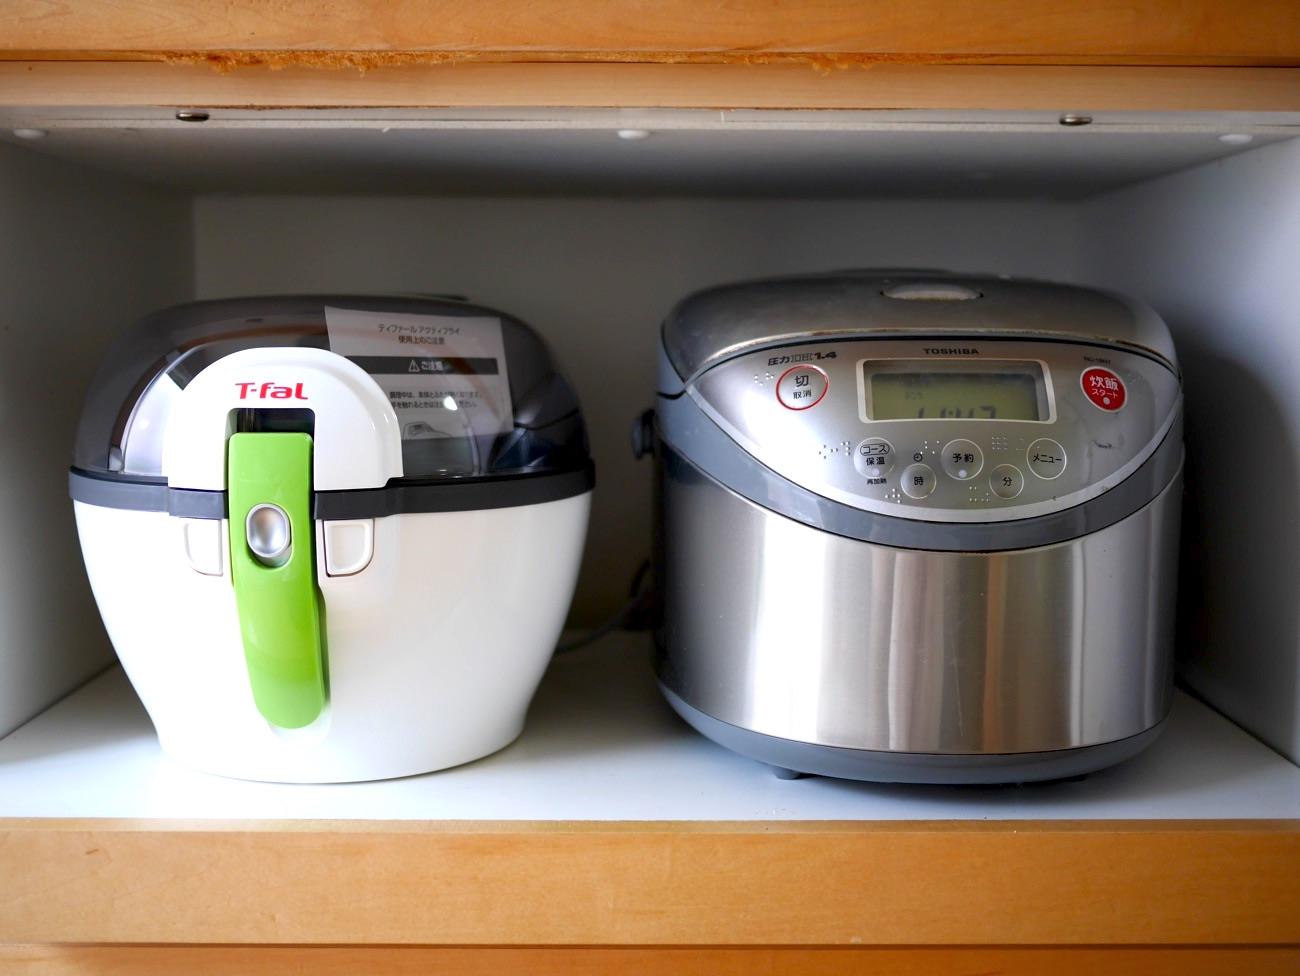 炊飯器と同じぐらいの大きさ